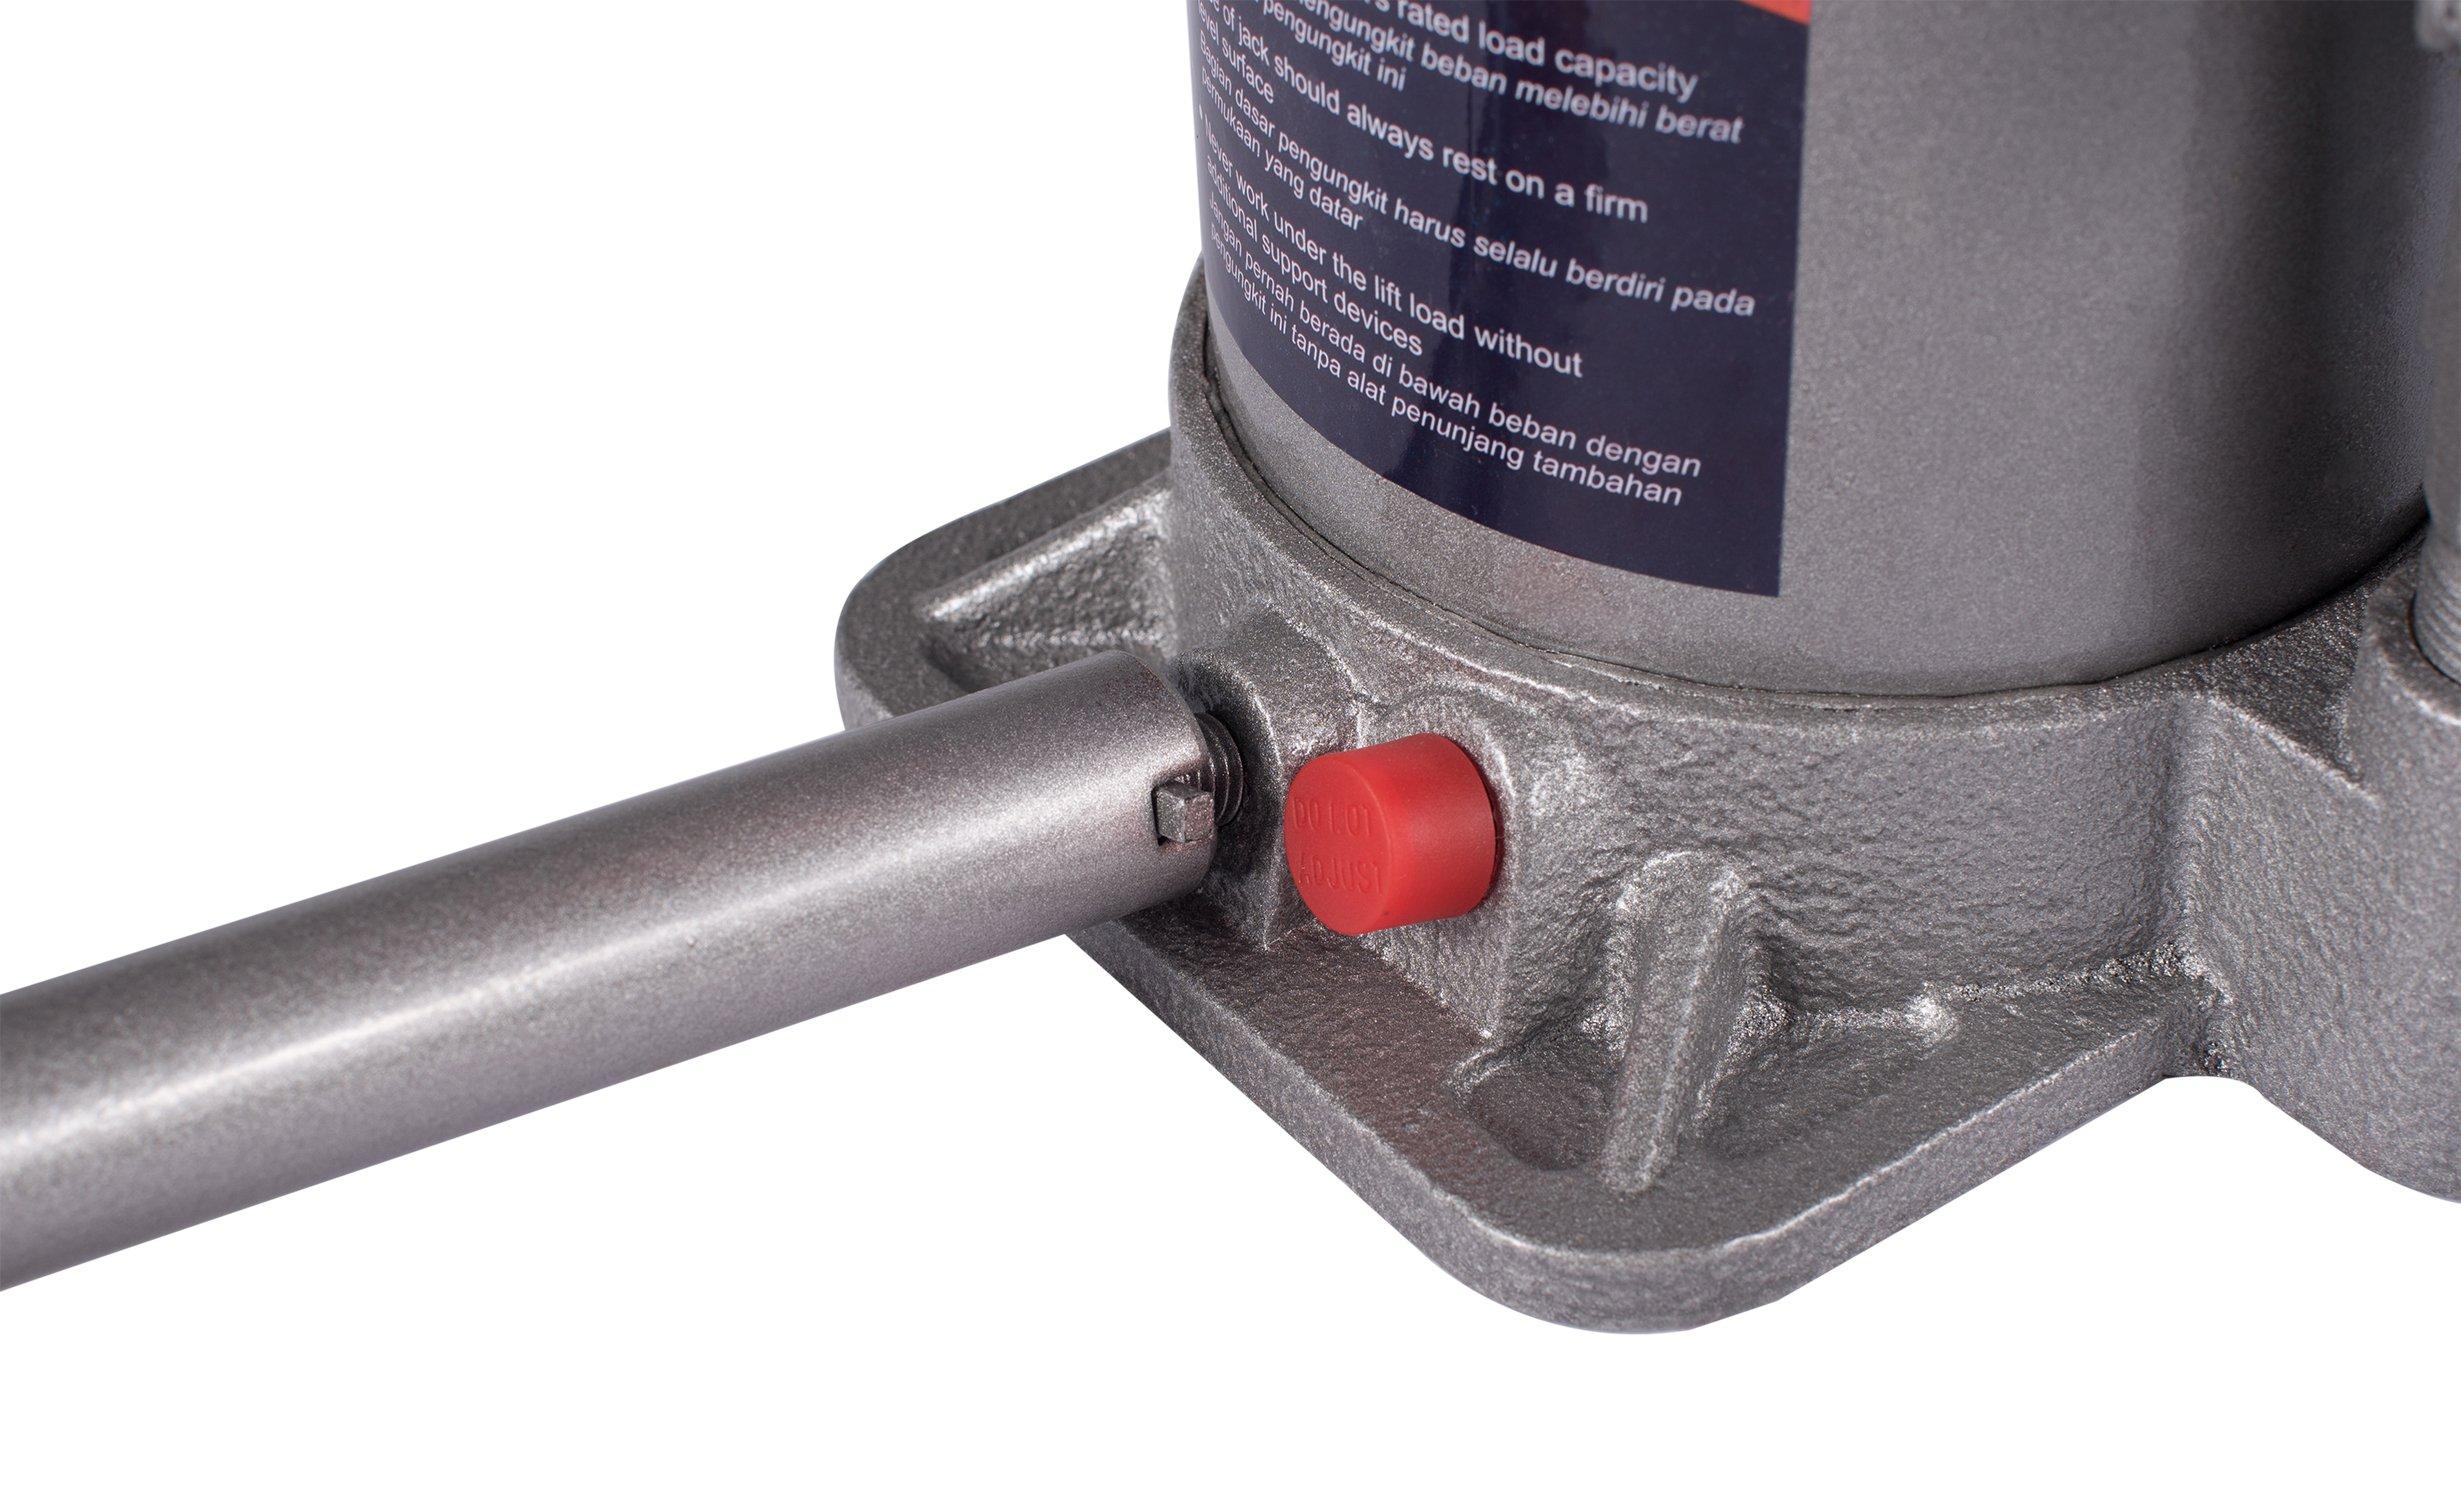 BAISHITE Hydraulic Bottle Jack 20 Ton Capacity Grey by BAISHITE (Image #8)